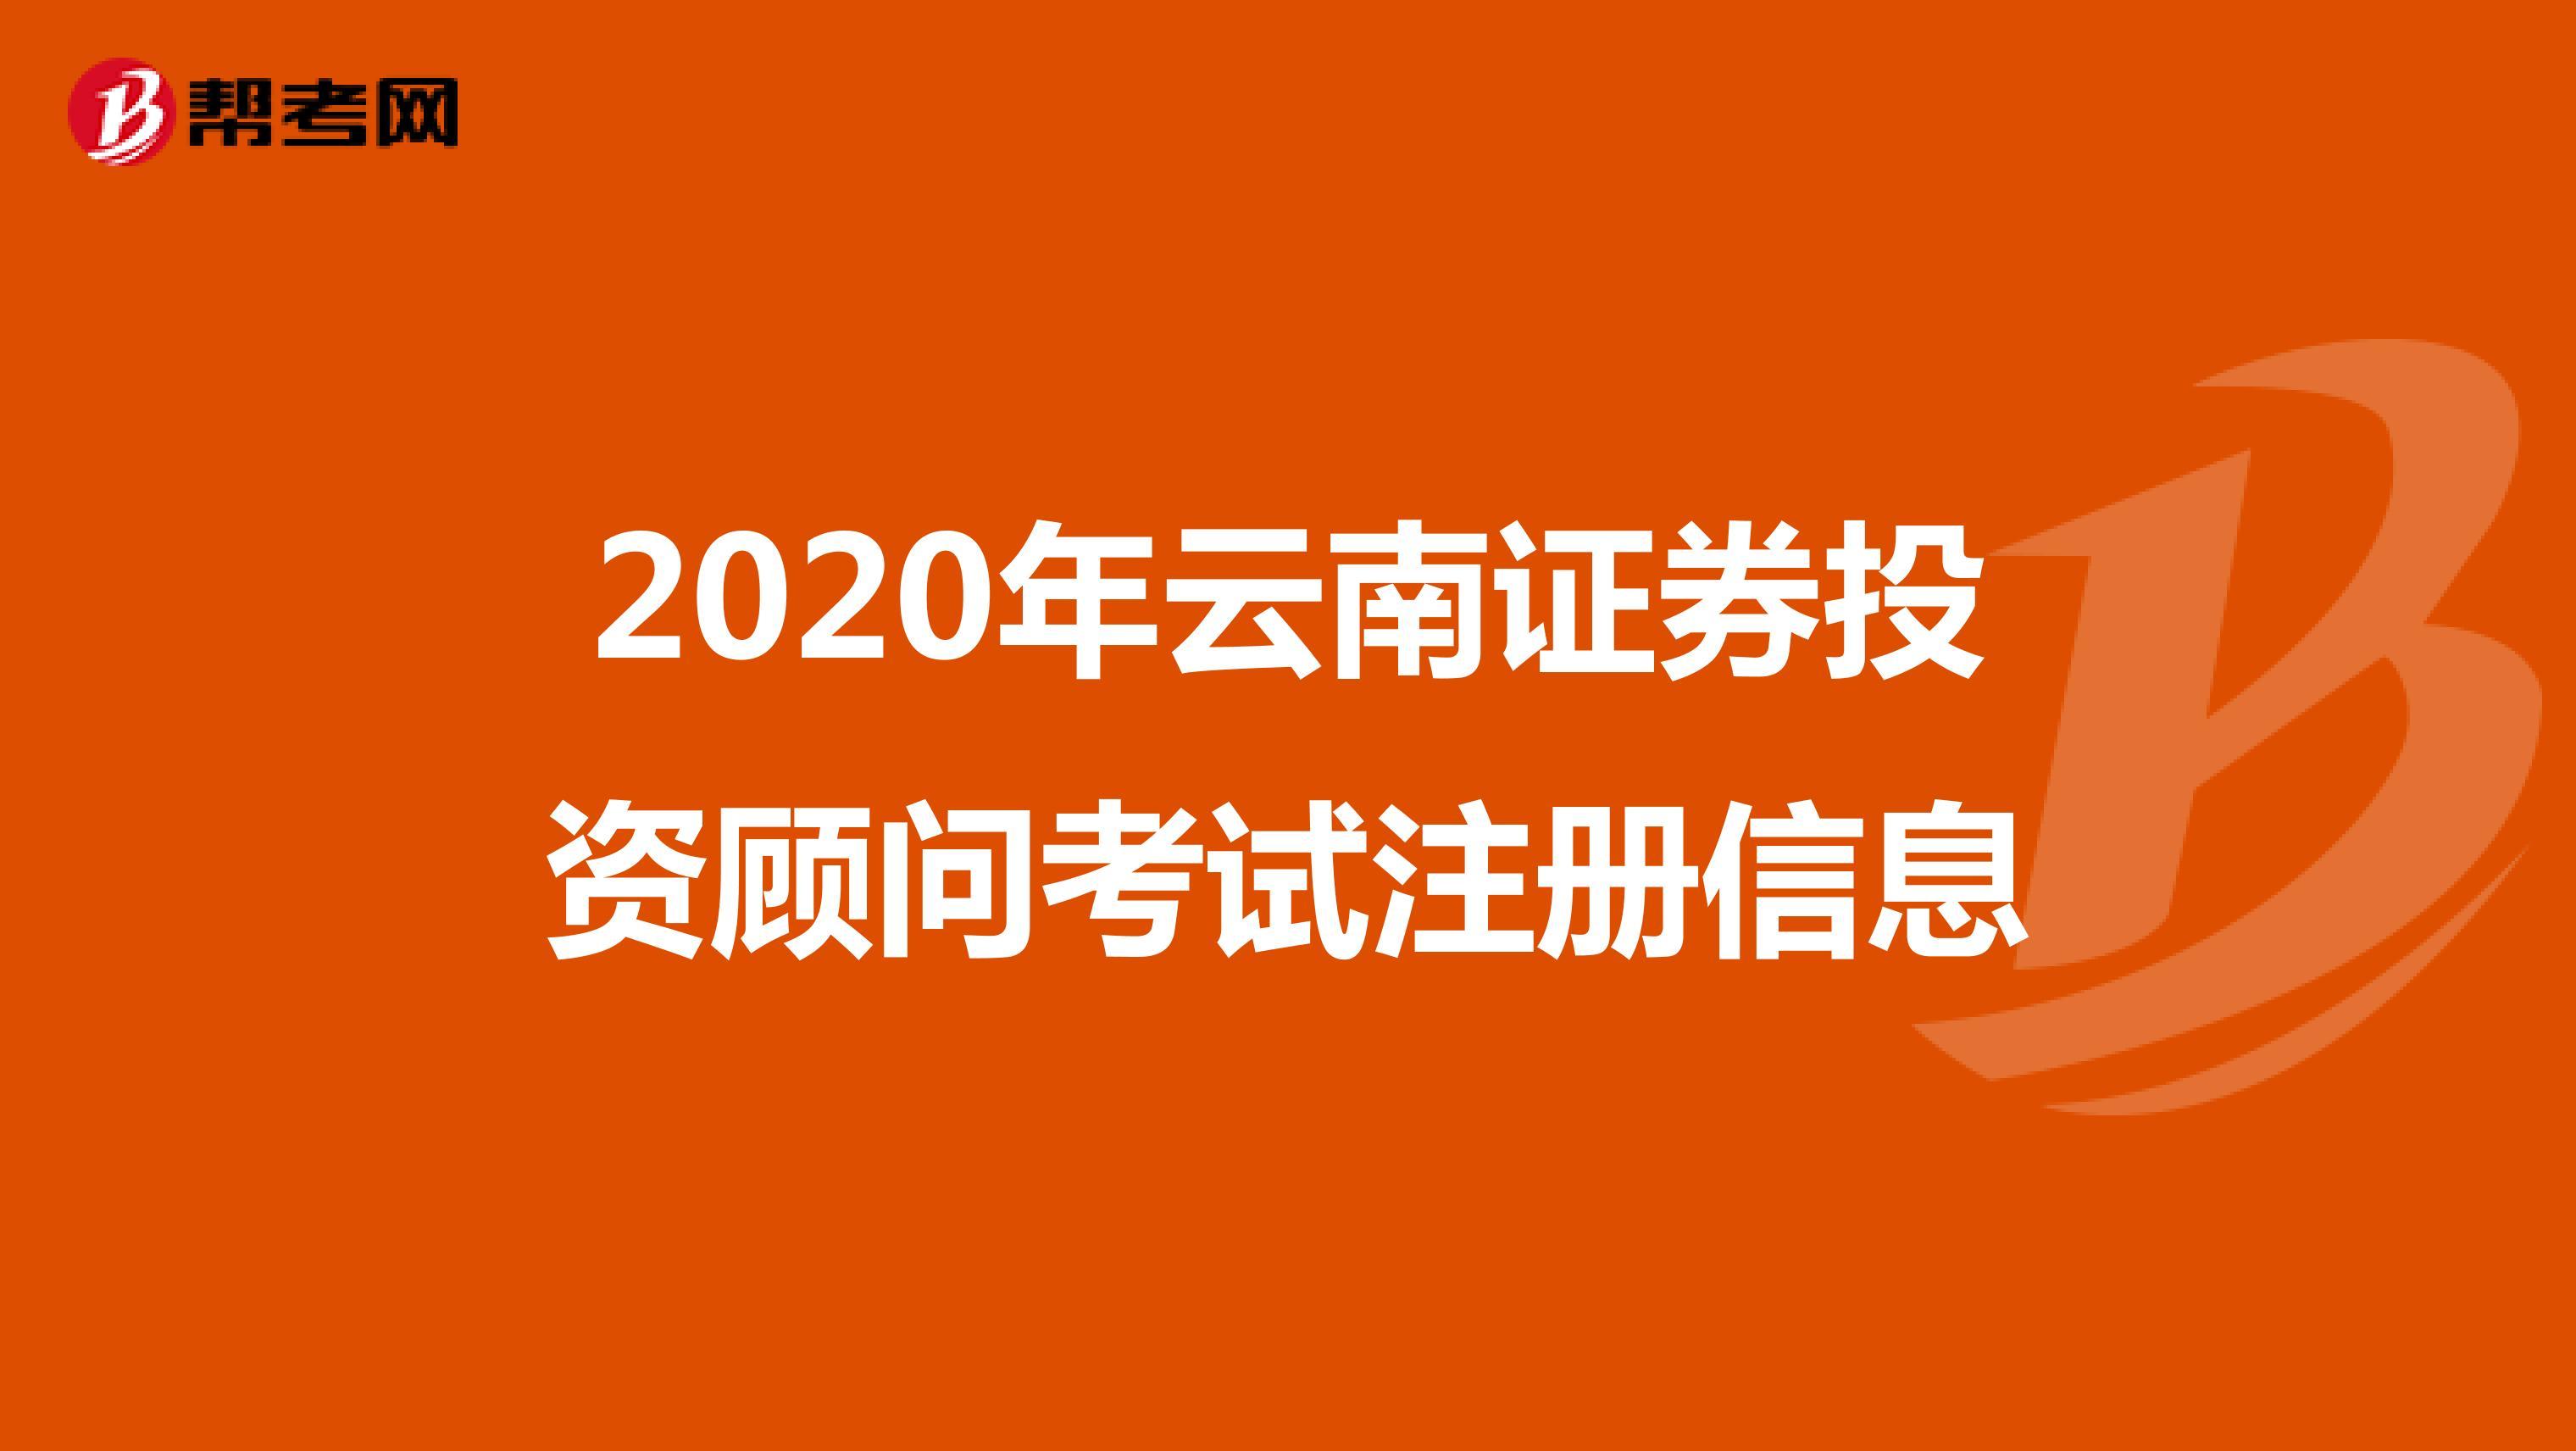 2020年云南证券投资顾问考试注册信息